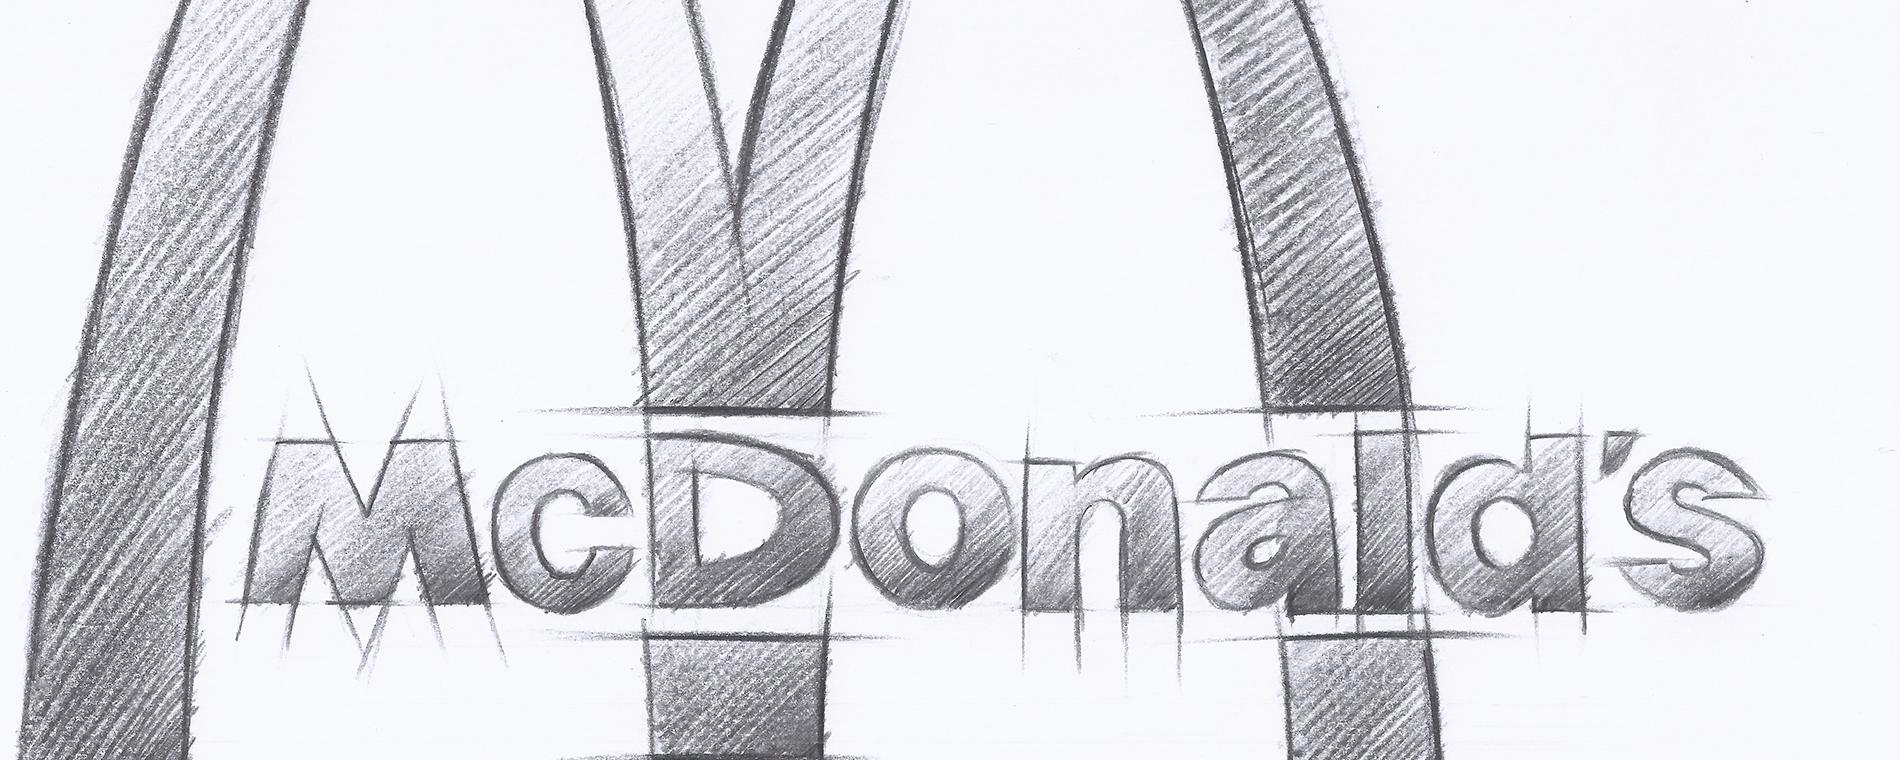 don diseo ikea frente a mcdonalds parecido razonable en el diseo de servicios - Diseo Ikea